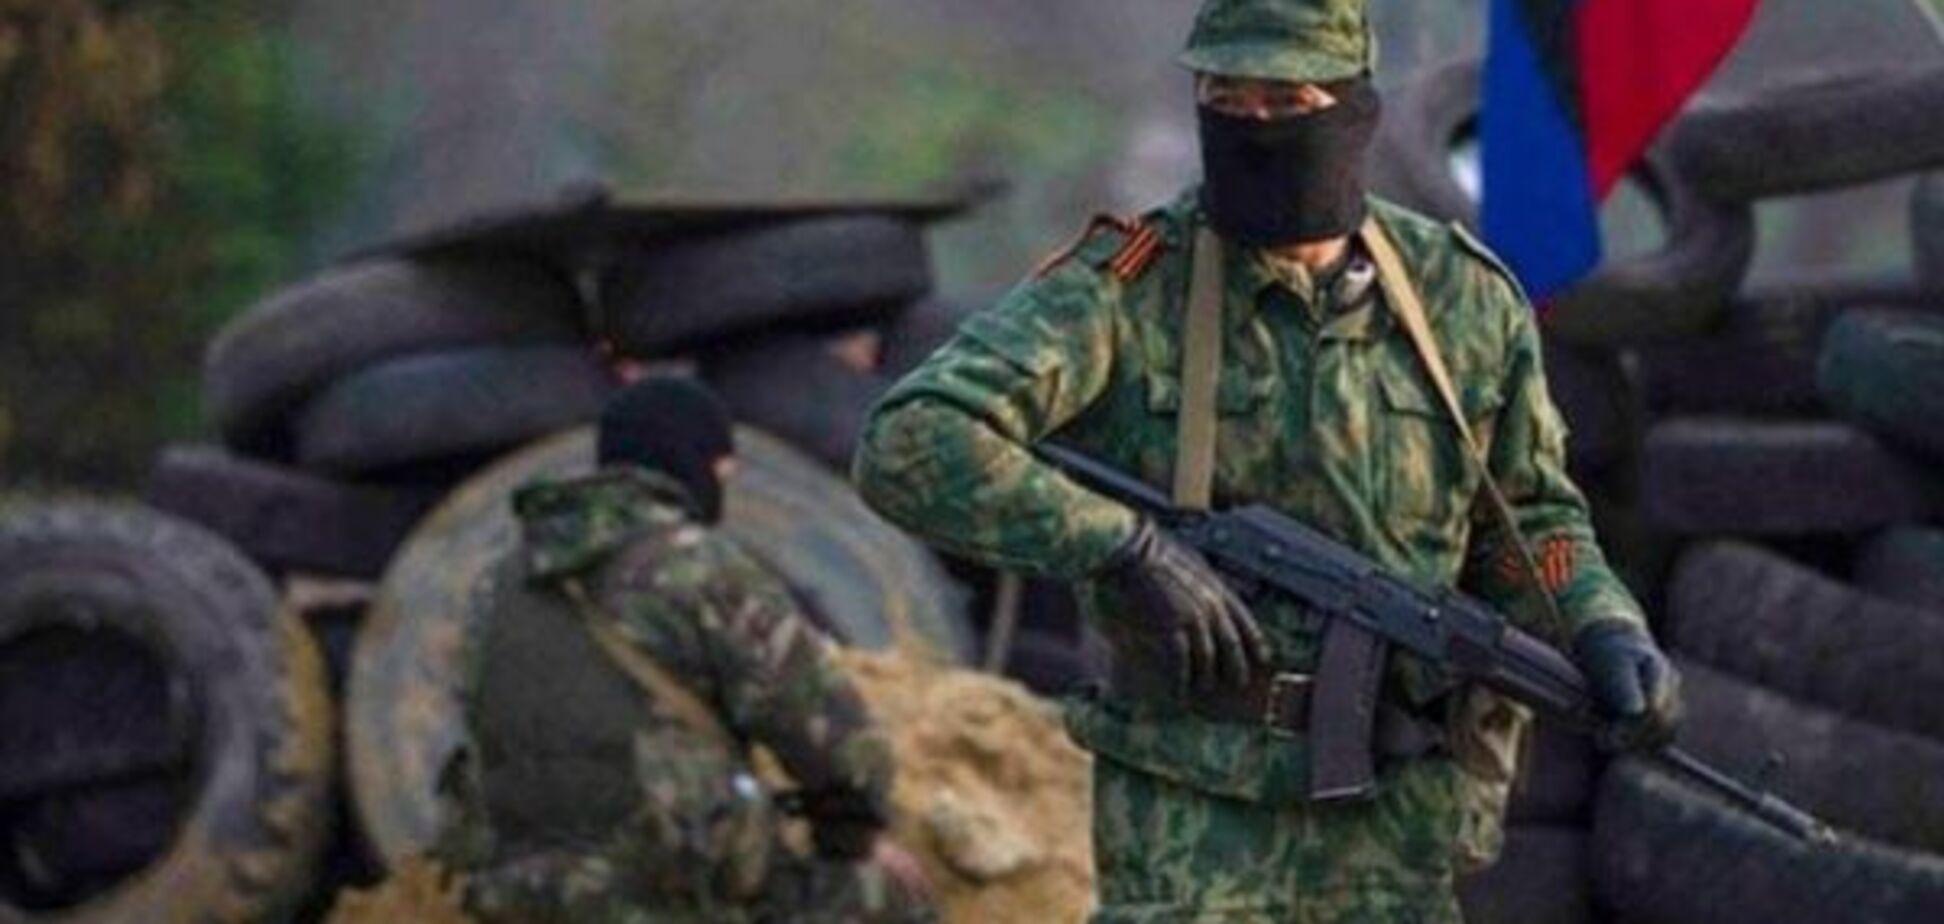 Добровольці за примусом: ветеран АТО розповів про нові злочини ''Л/ДНР''